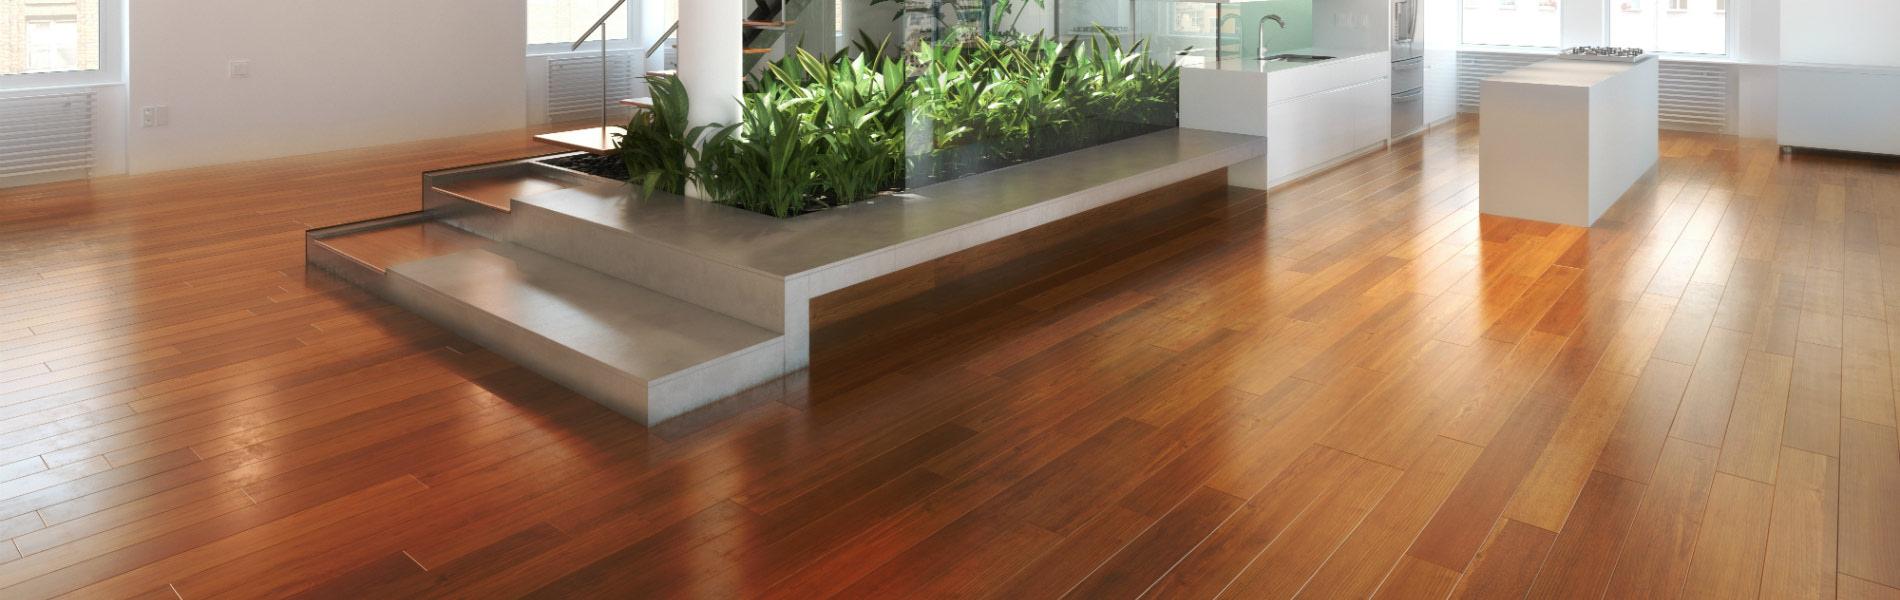 Cedar Tree Flooring Hardwood